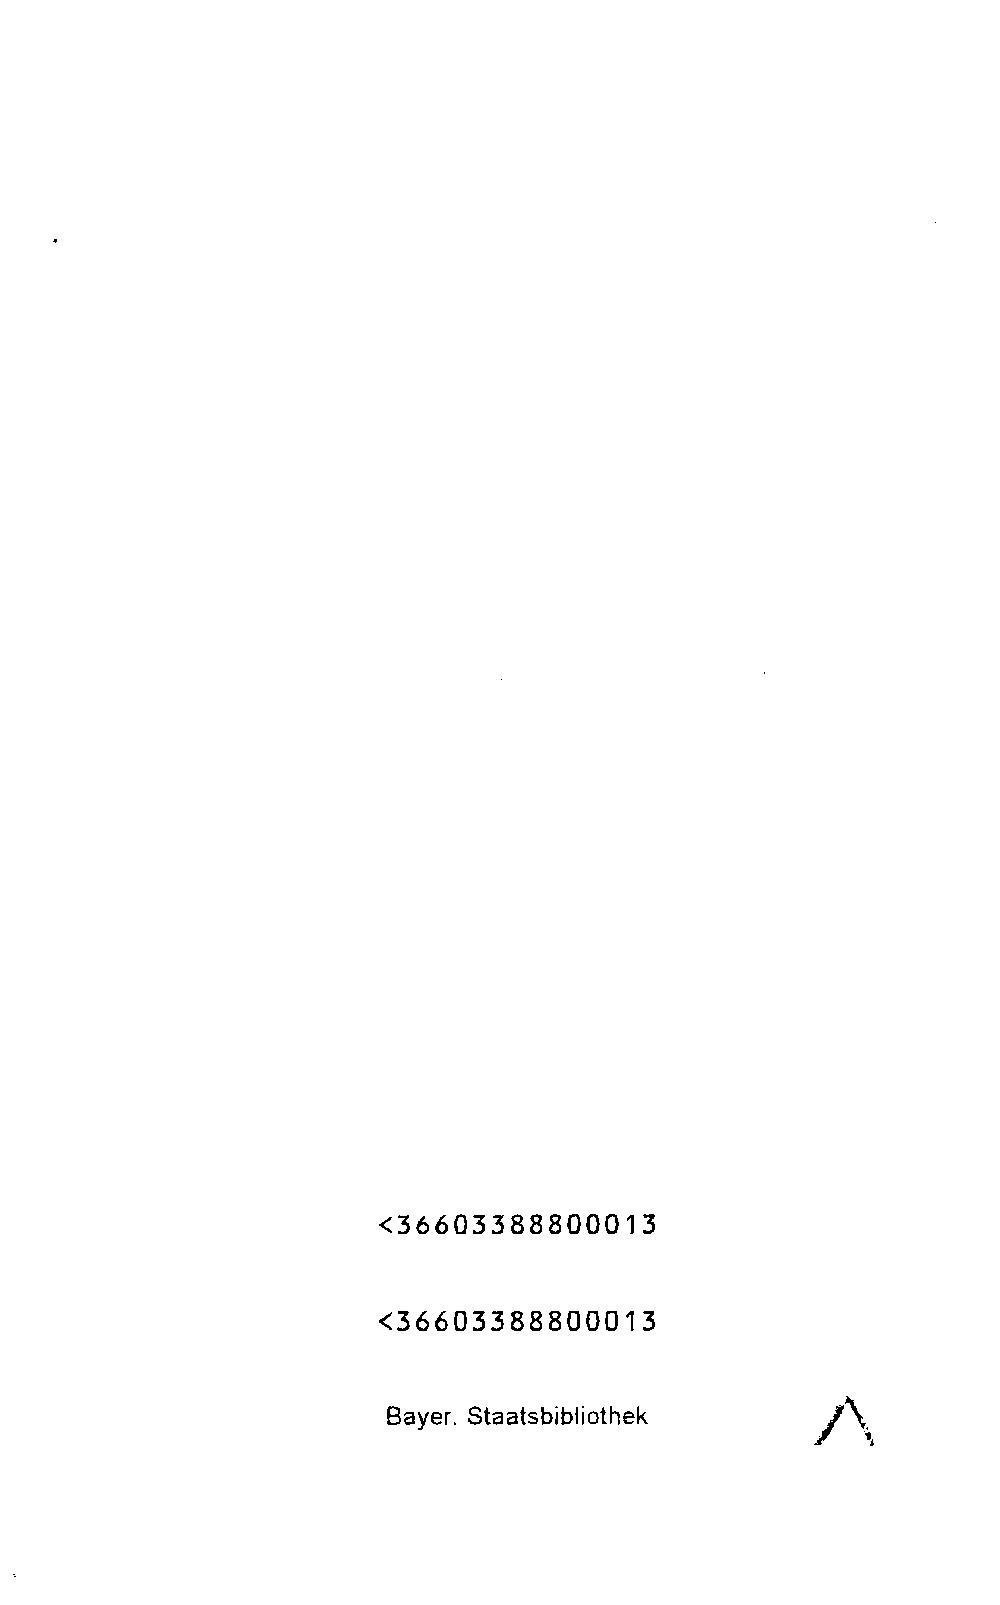 bsb00009399_00001.jpg